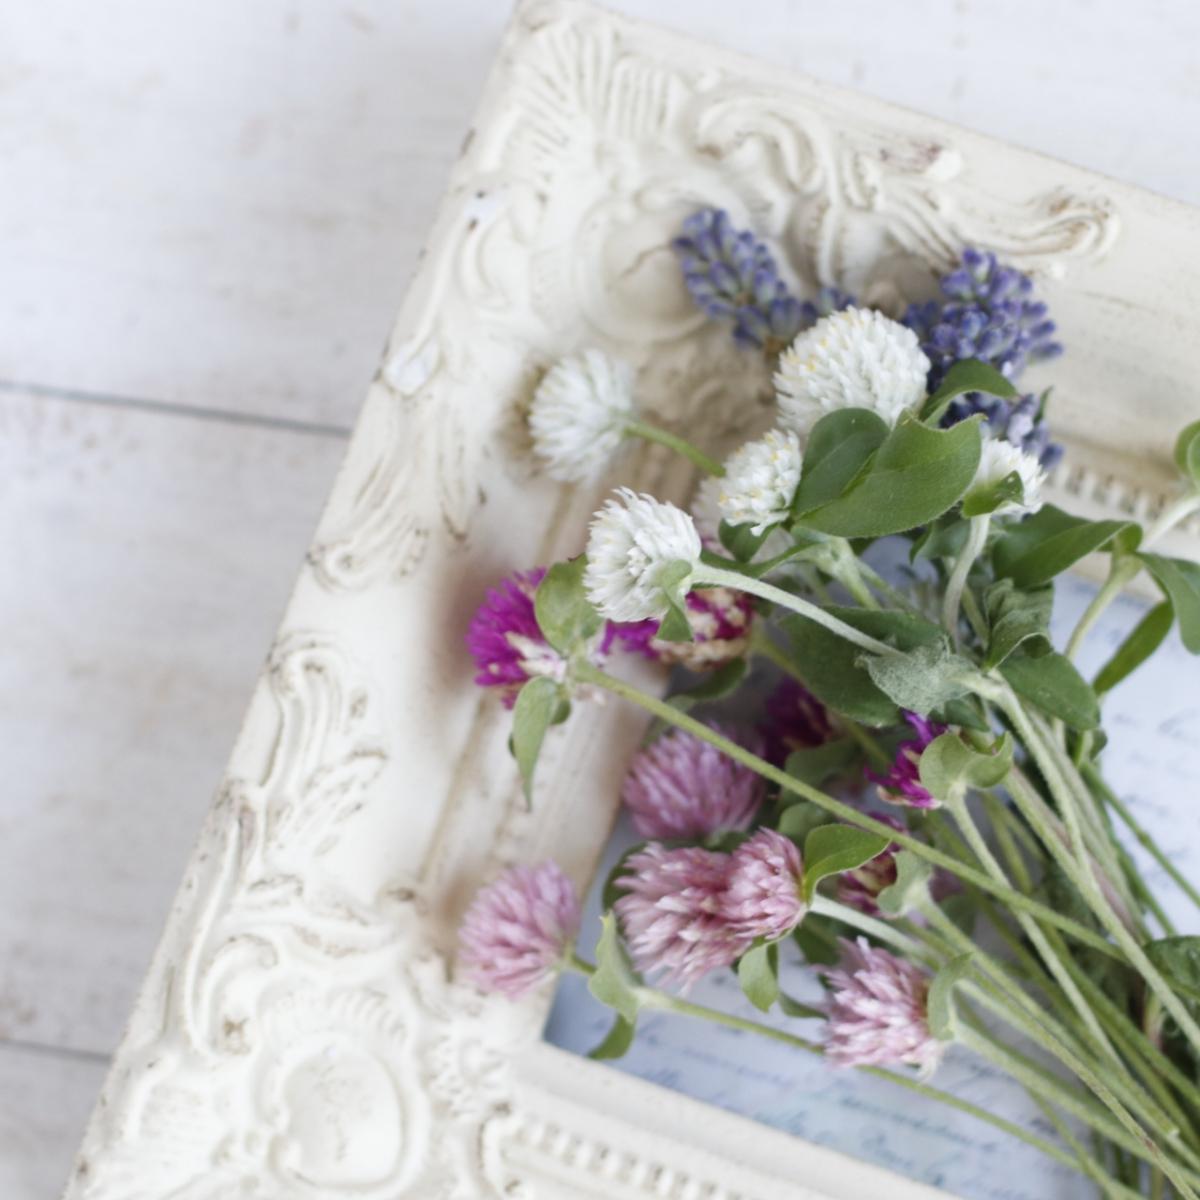 ドライフラワーのブーケ・花束おすすめ7選とおしゃれな飾り方